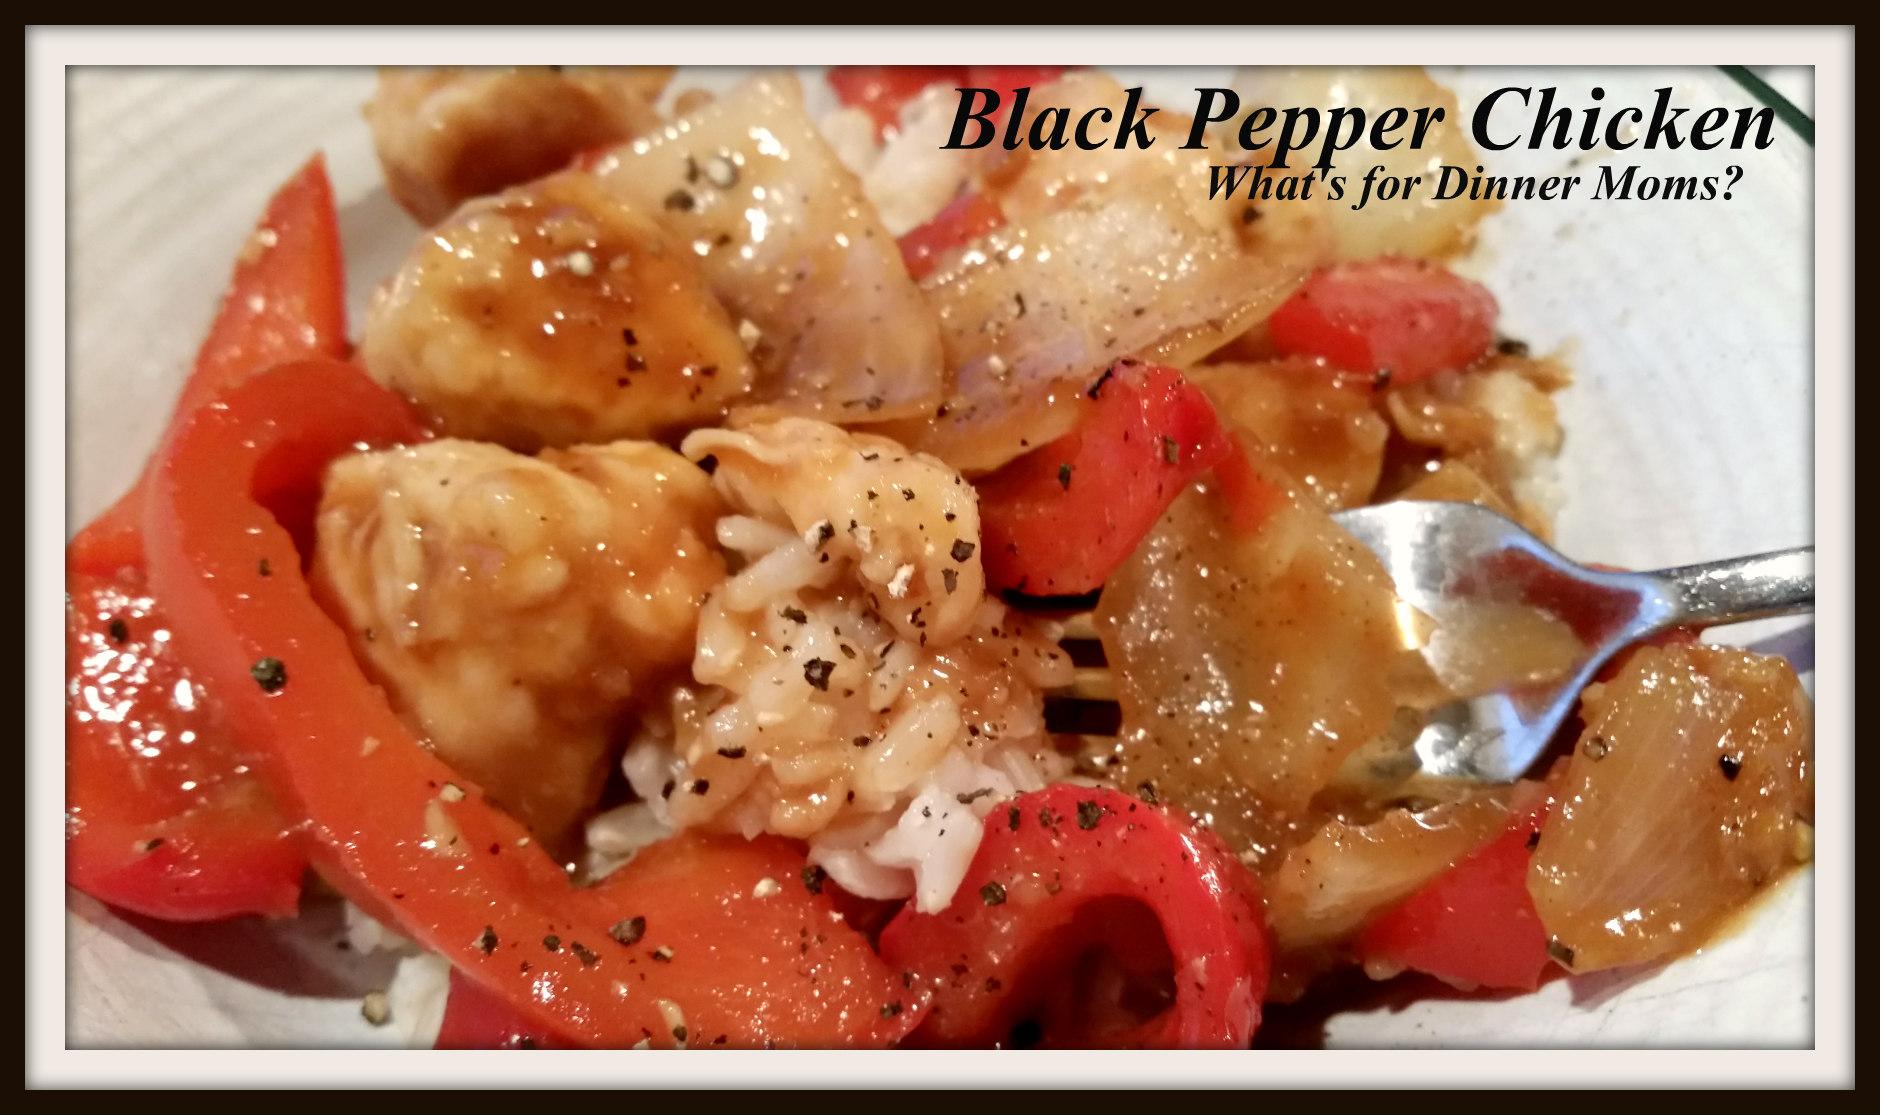 Black Pepper Chicken – What's for Dinner Moms?